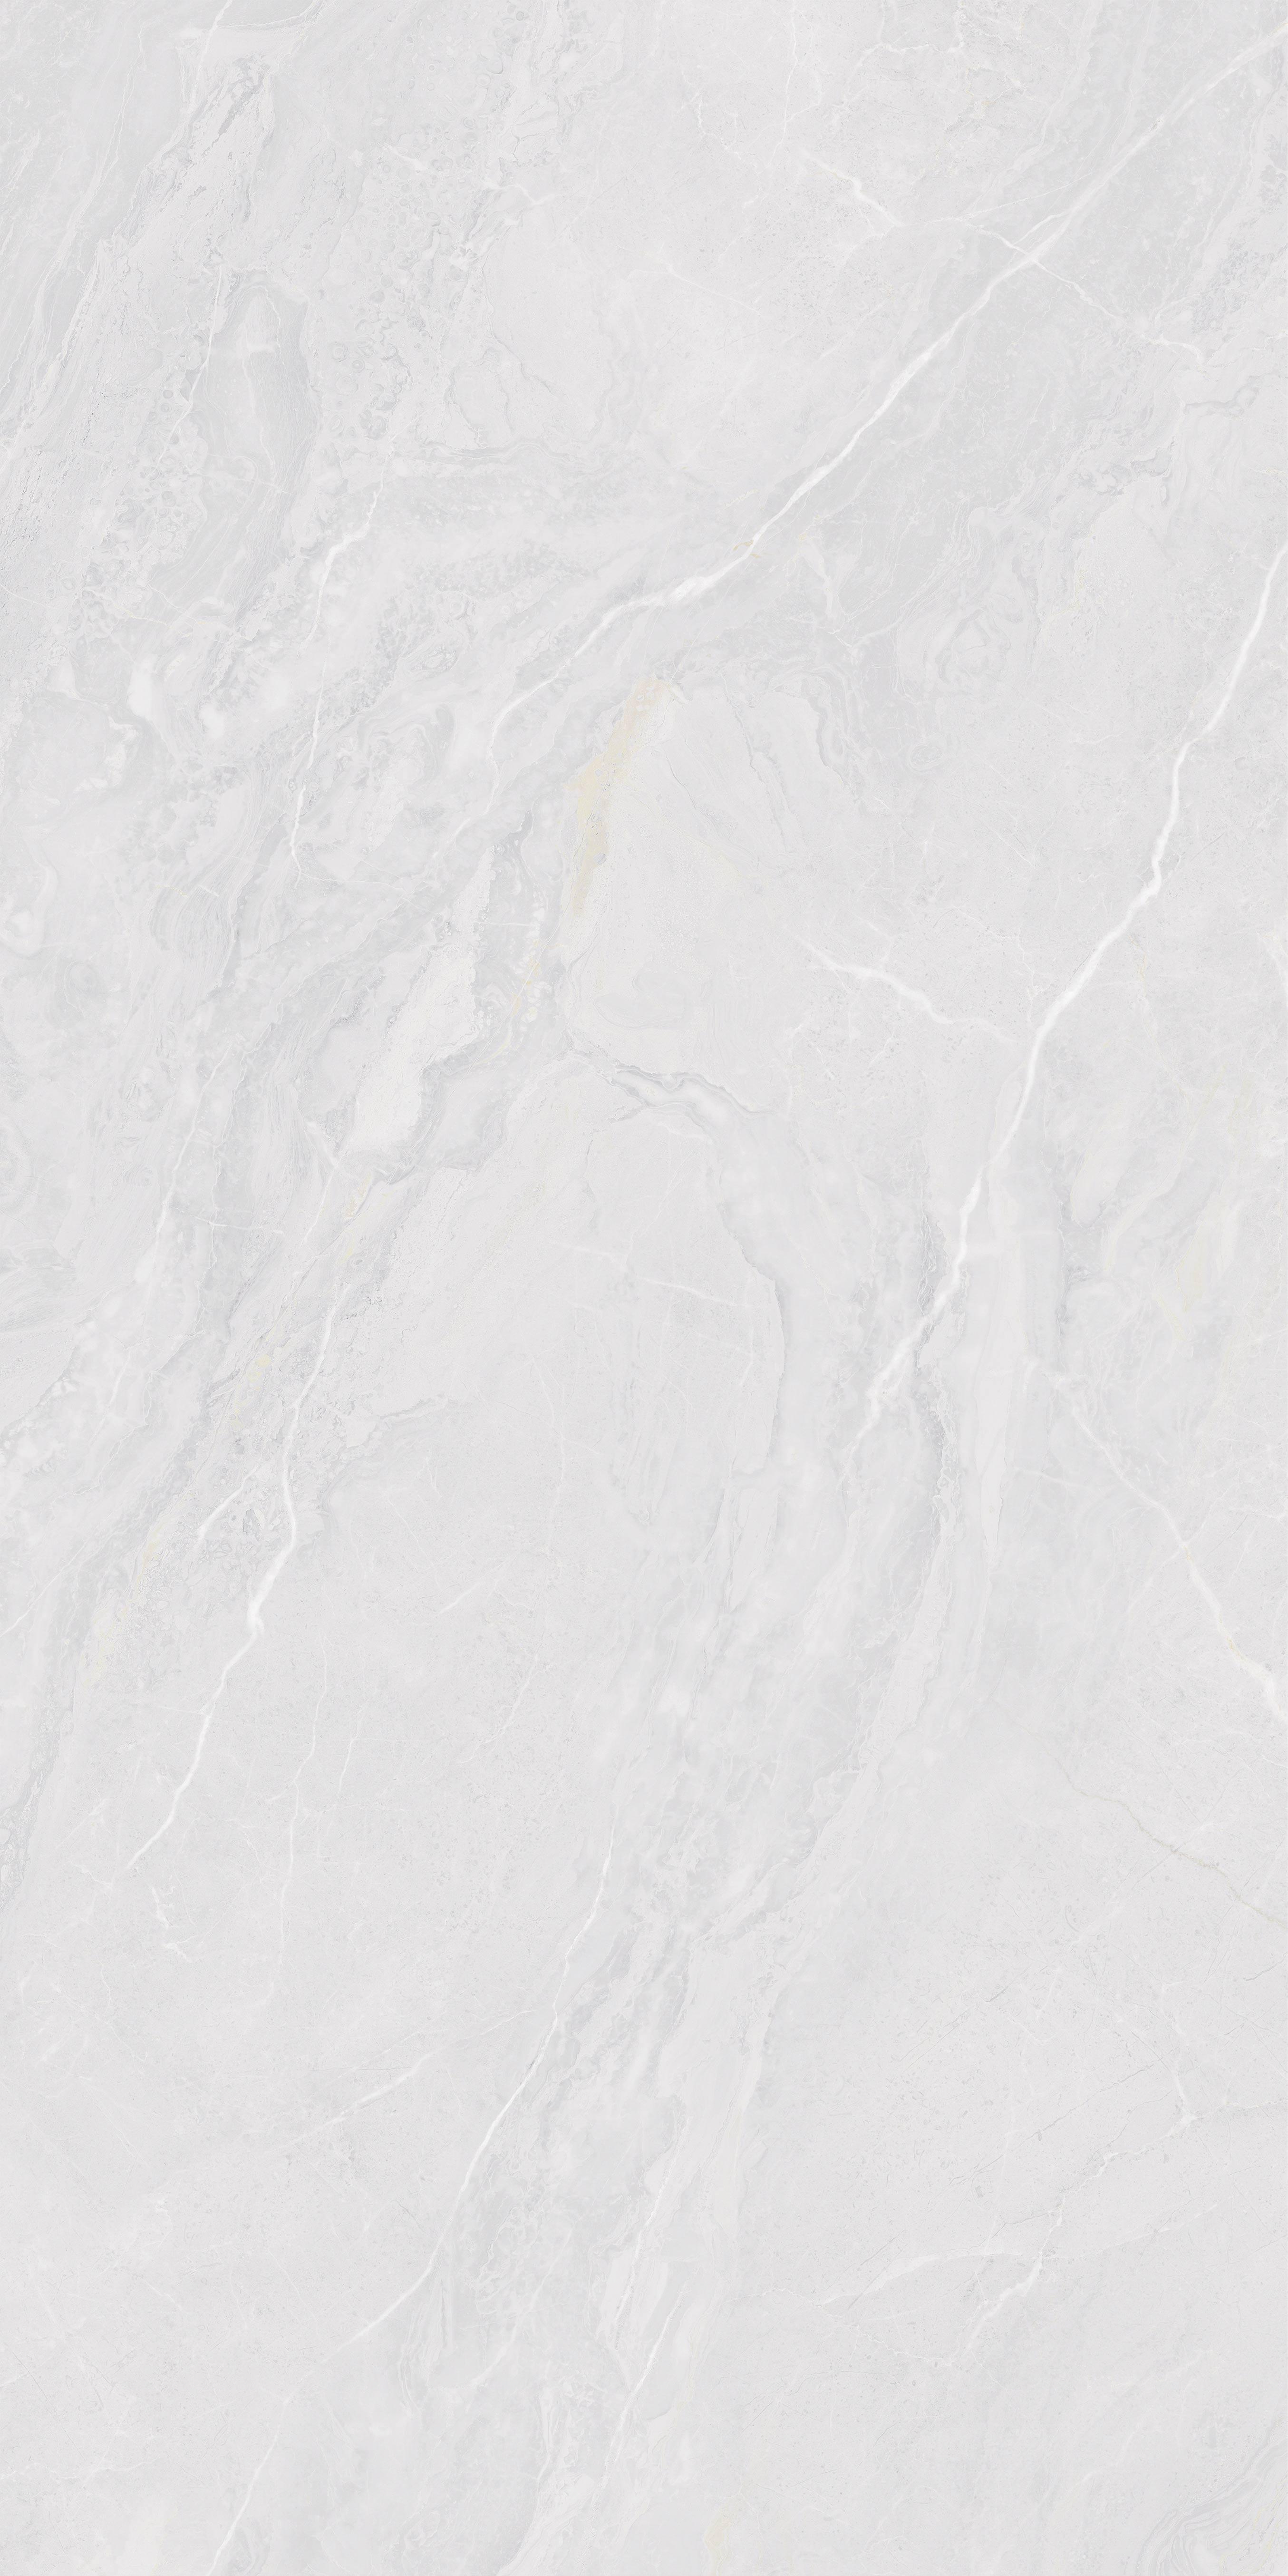 宏宇陶瓷-艾伦灰HPGM157049,750x1500mm